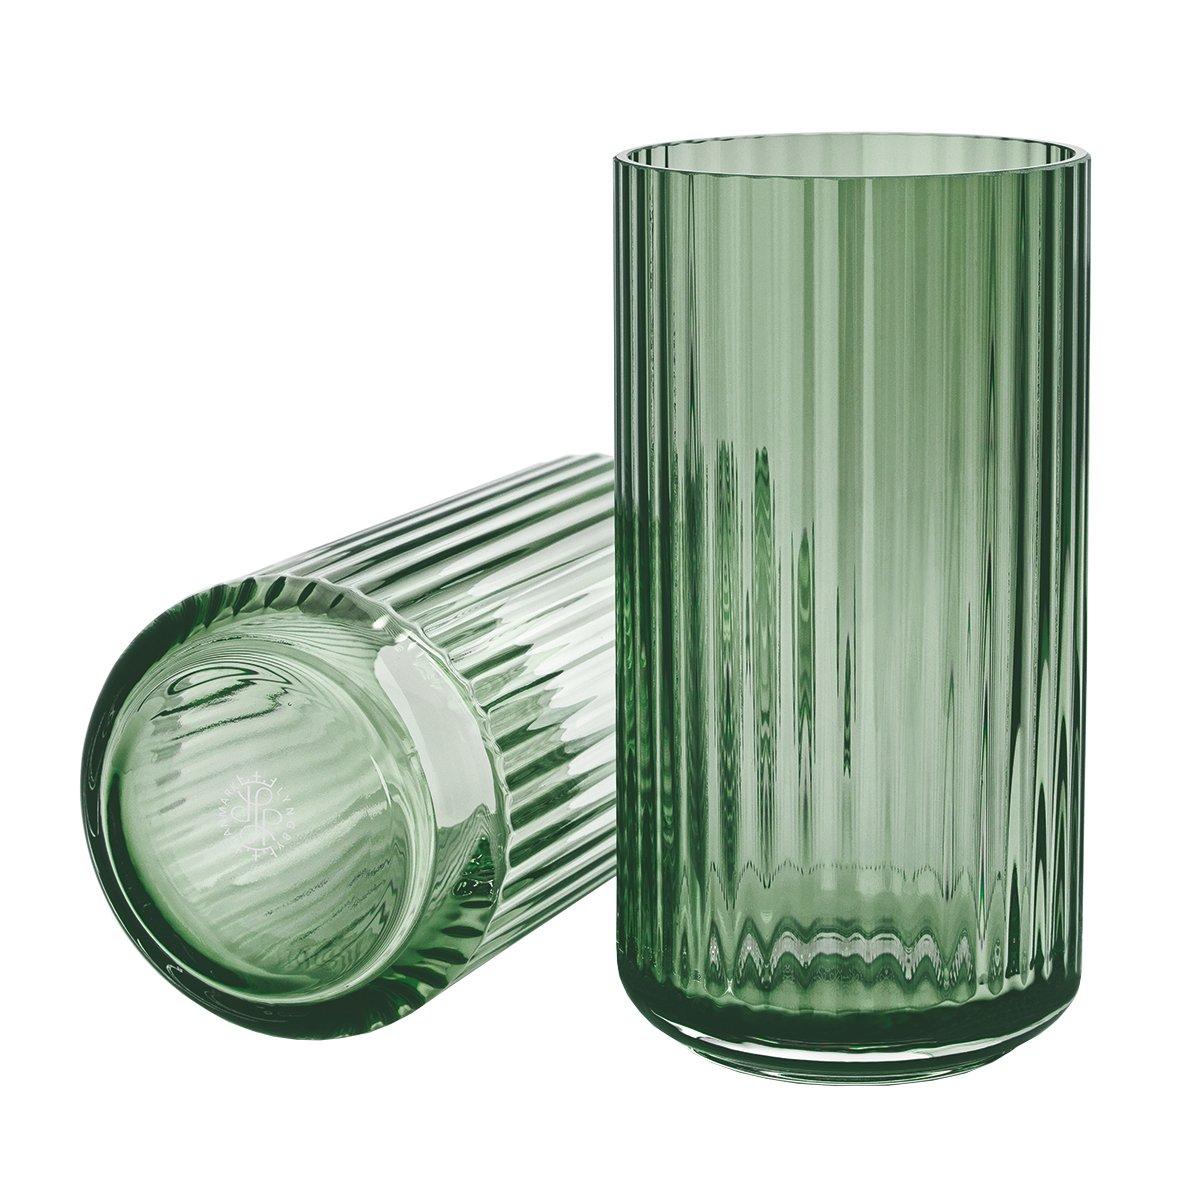 Lyngby Porcel�n Lyngby Vaas Glas - Groen - 25 cm.